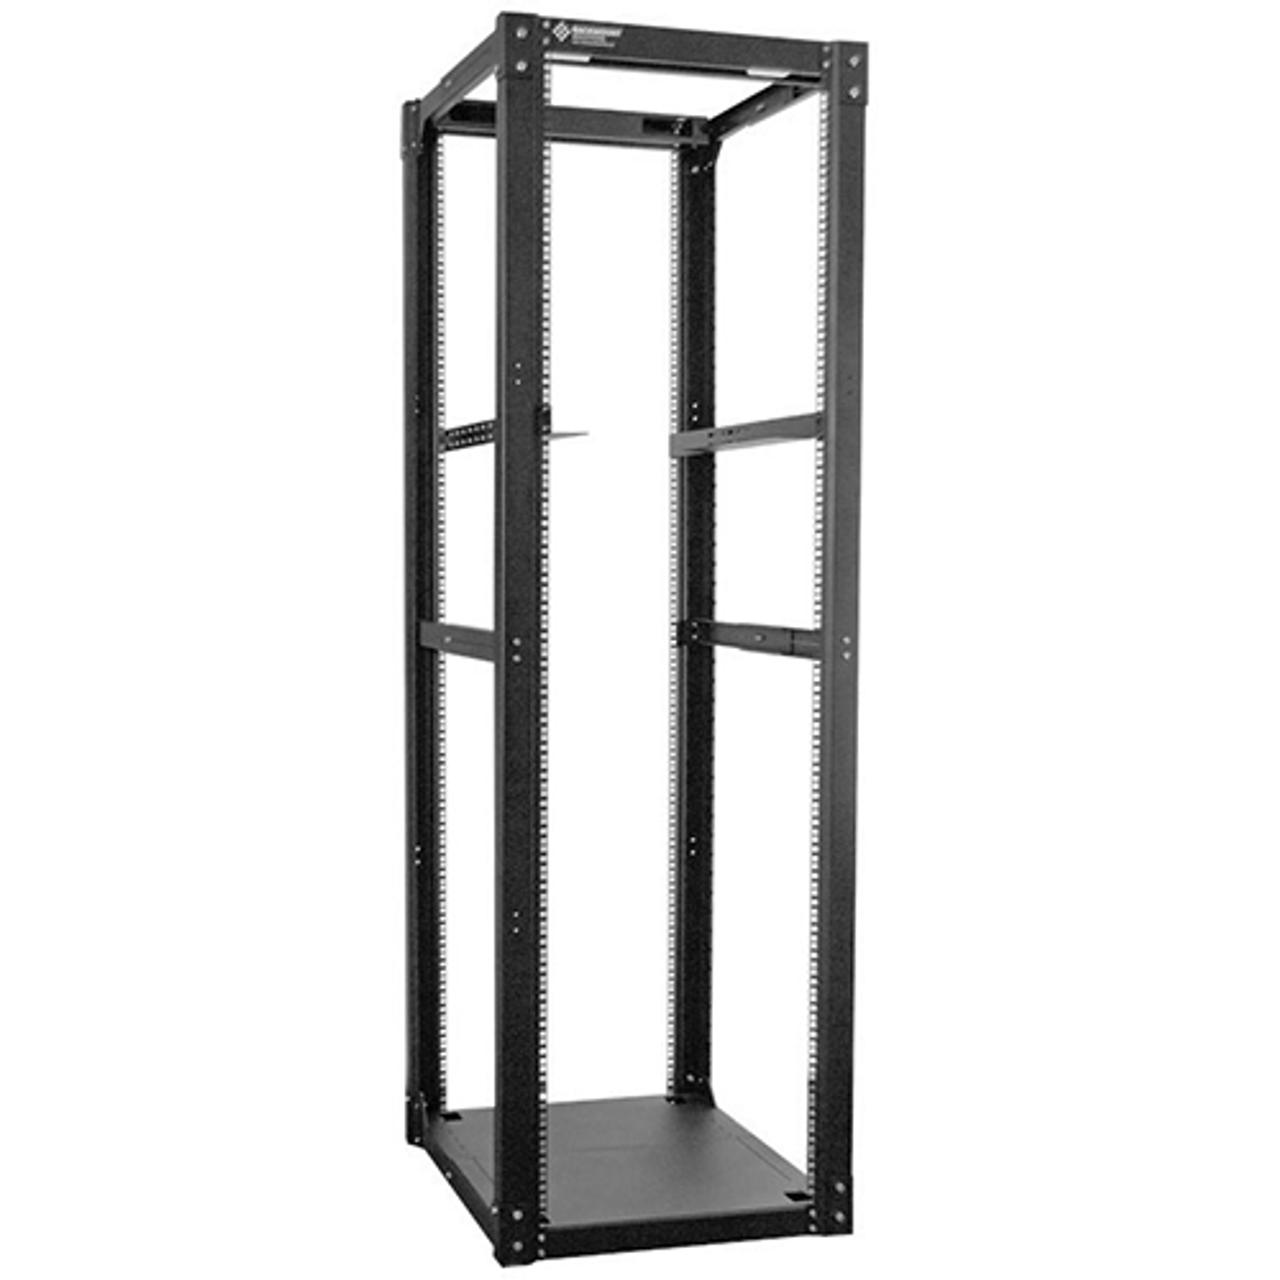 4 Post Rack 4 Post Open Frame Rack Rackmount Solutions